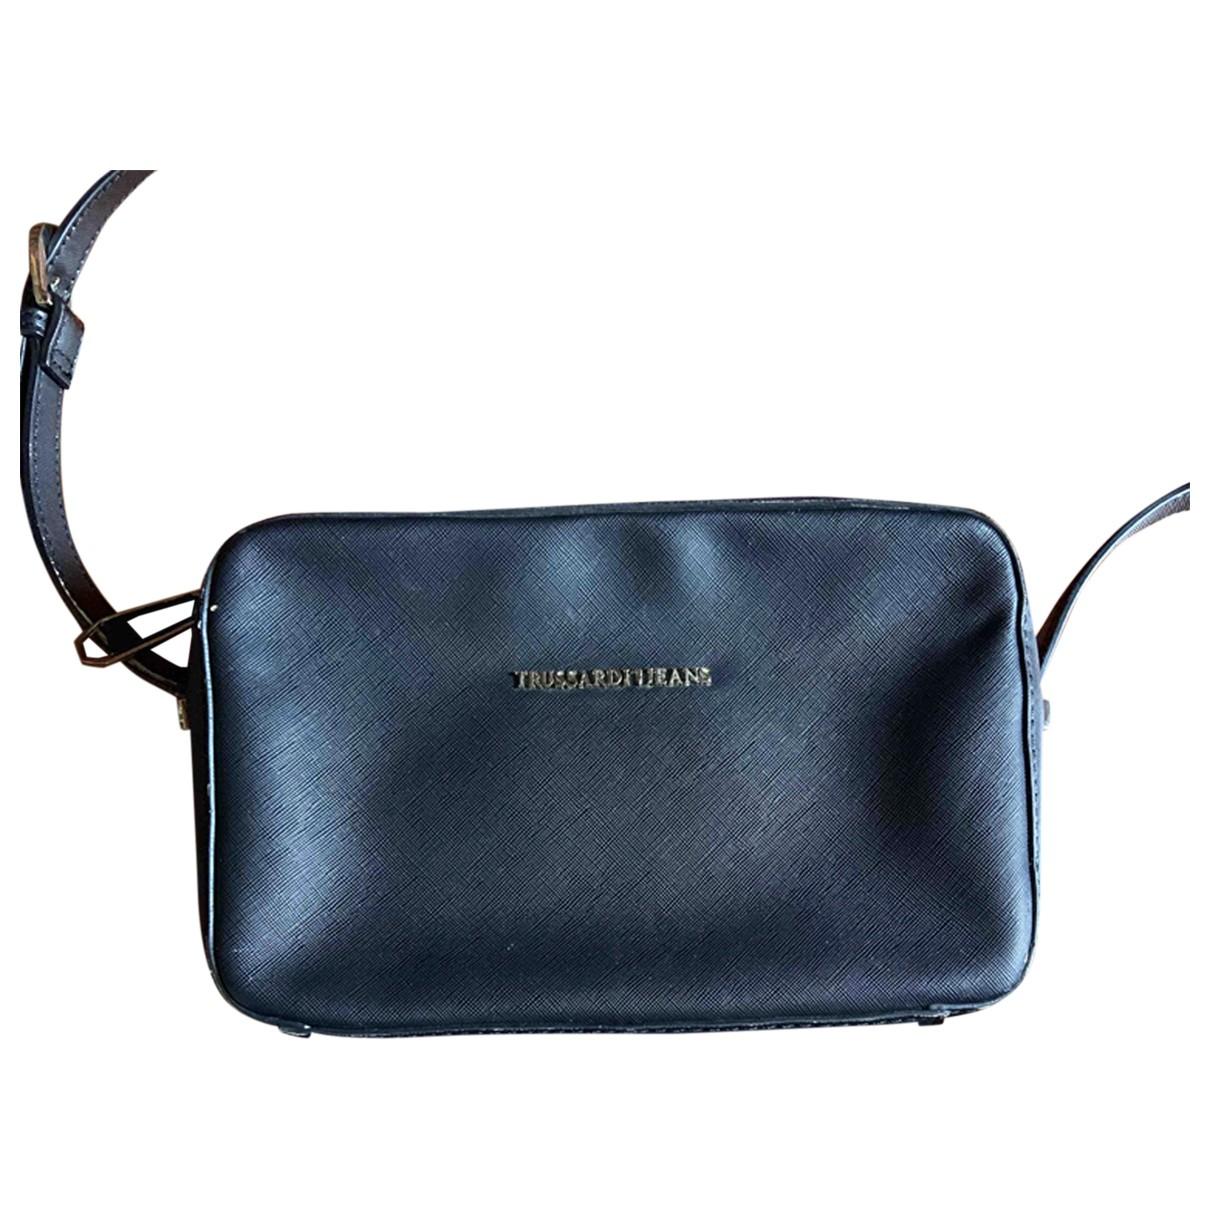 Trussardi Jeans \N Handtasche in  Schwarz Leder